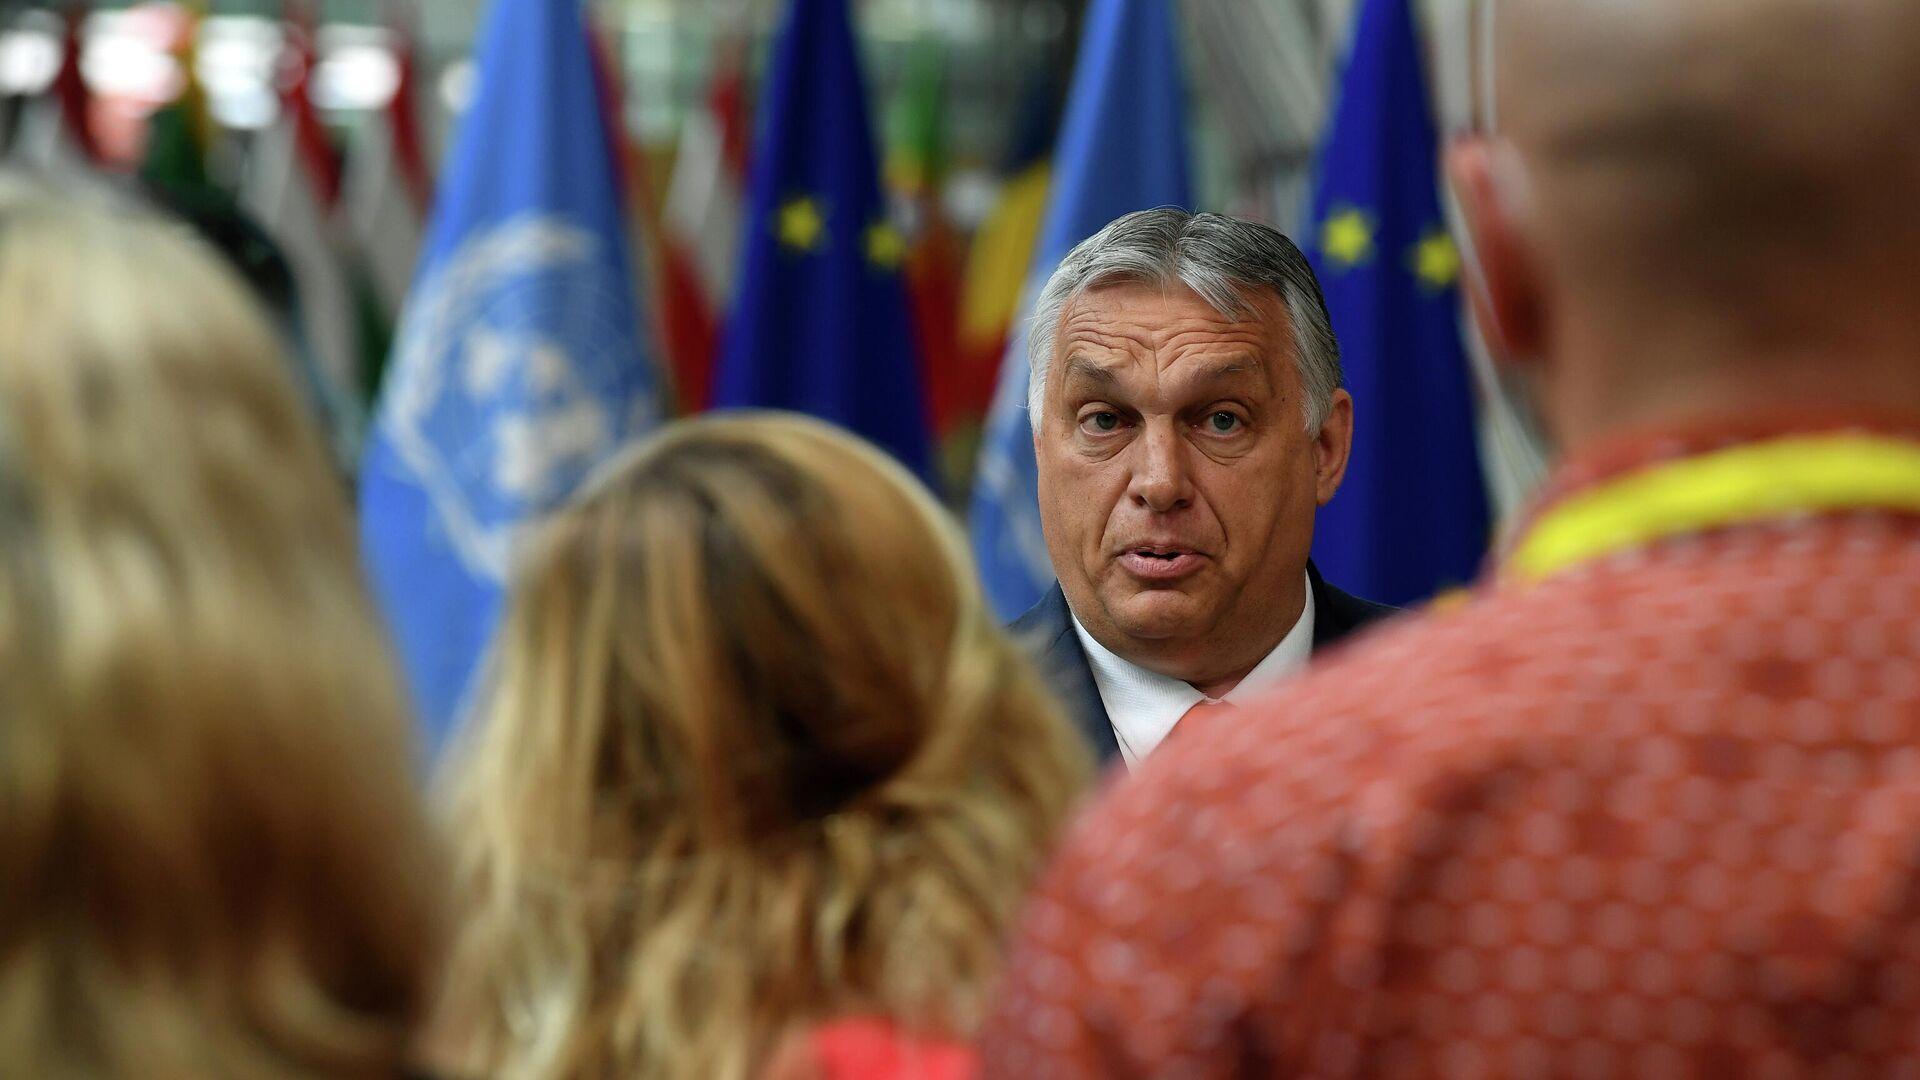 Ungarns Premierminister Viktor Orban spricht bei seiner Ankunft am ersten Tag des EU-Gipfels im Gebäude des Europäischen Rates in Brüssel am 24. Juni 2021 vor den Medien. - SNA, 1920, 06.07.2021